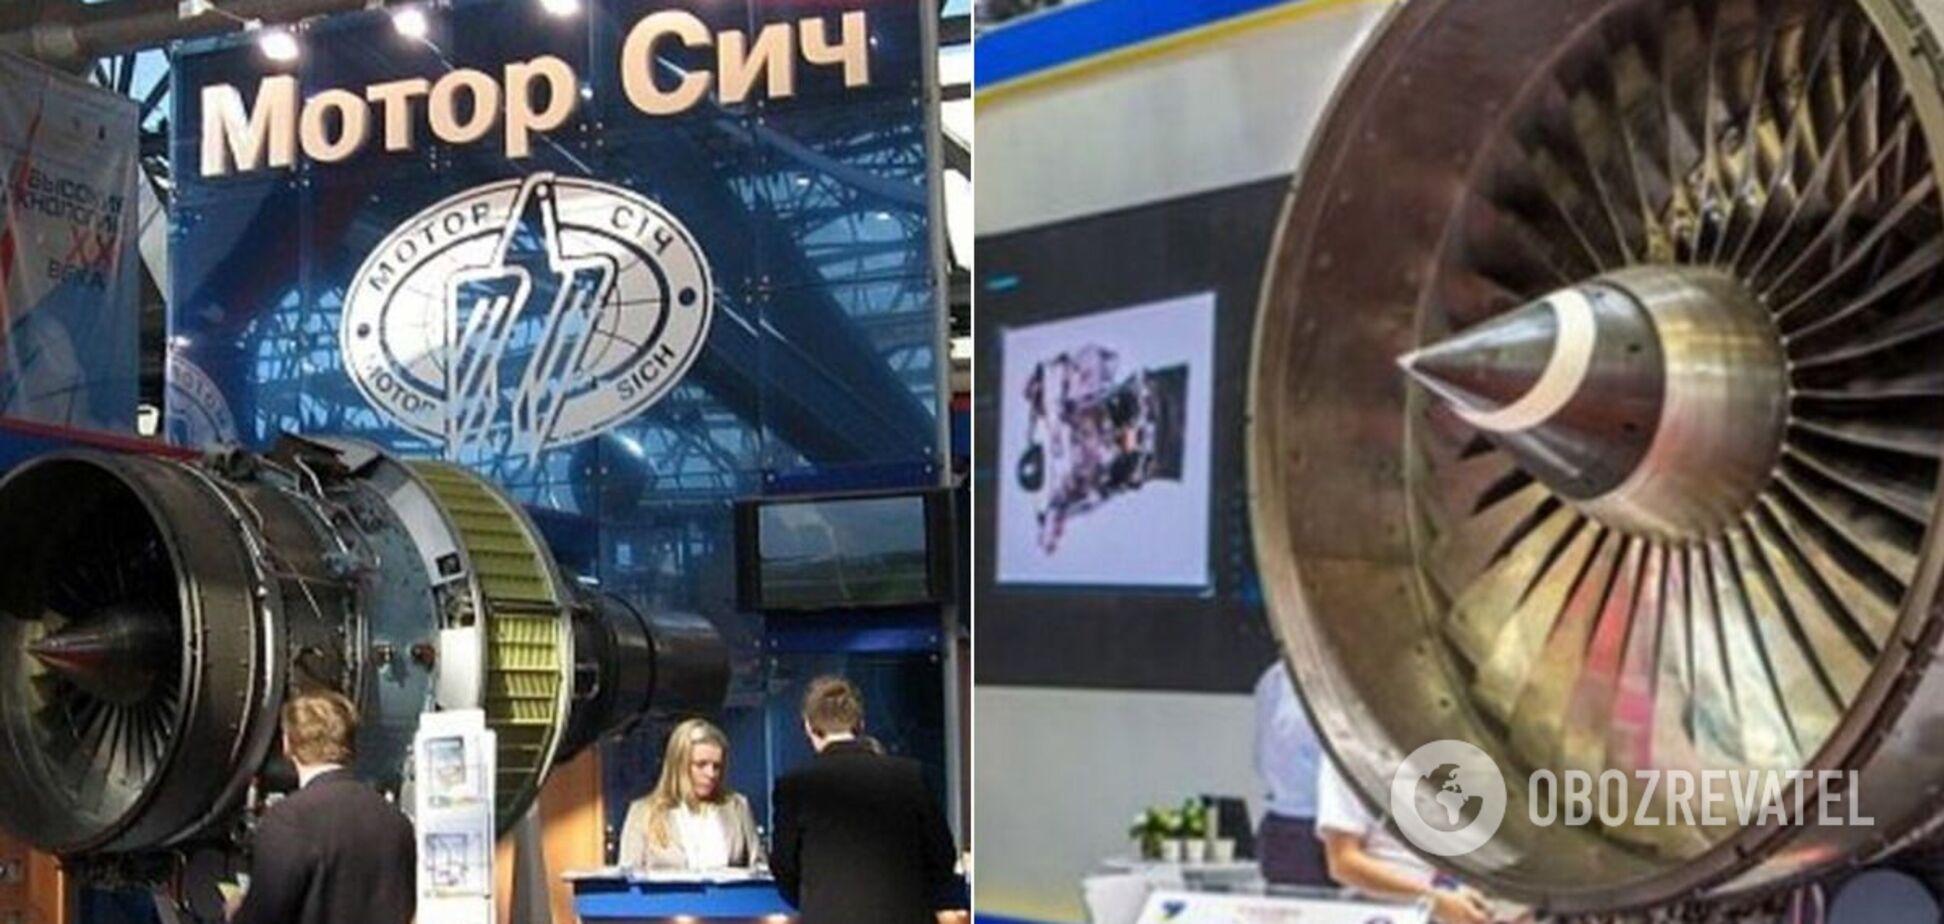 У DCH прокоментували санкції України проти китайського акціонера 'Мотор Січ' Skyrizon